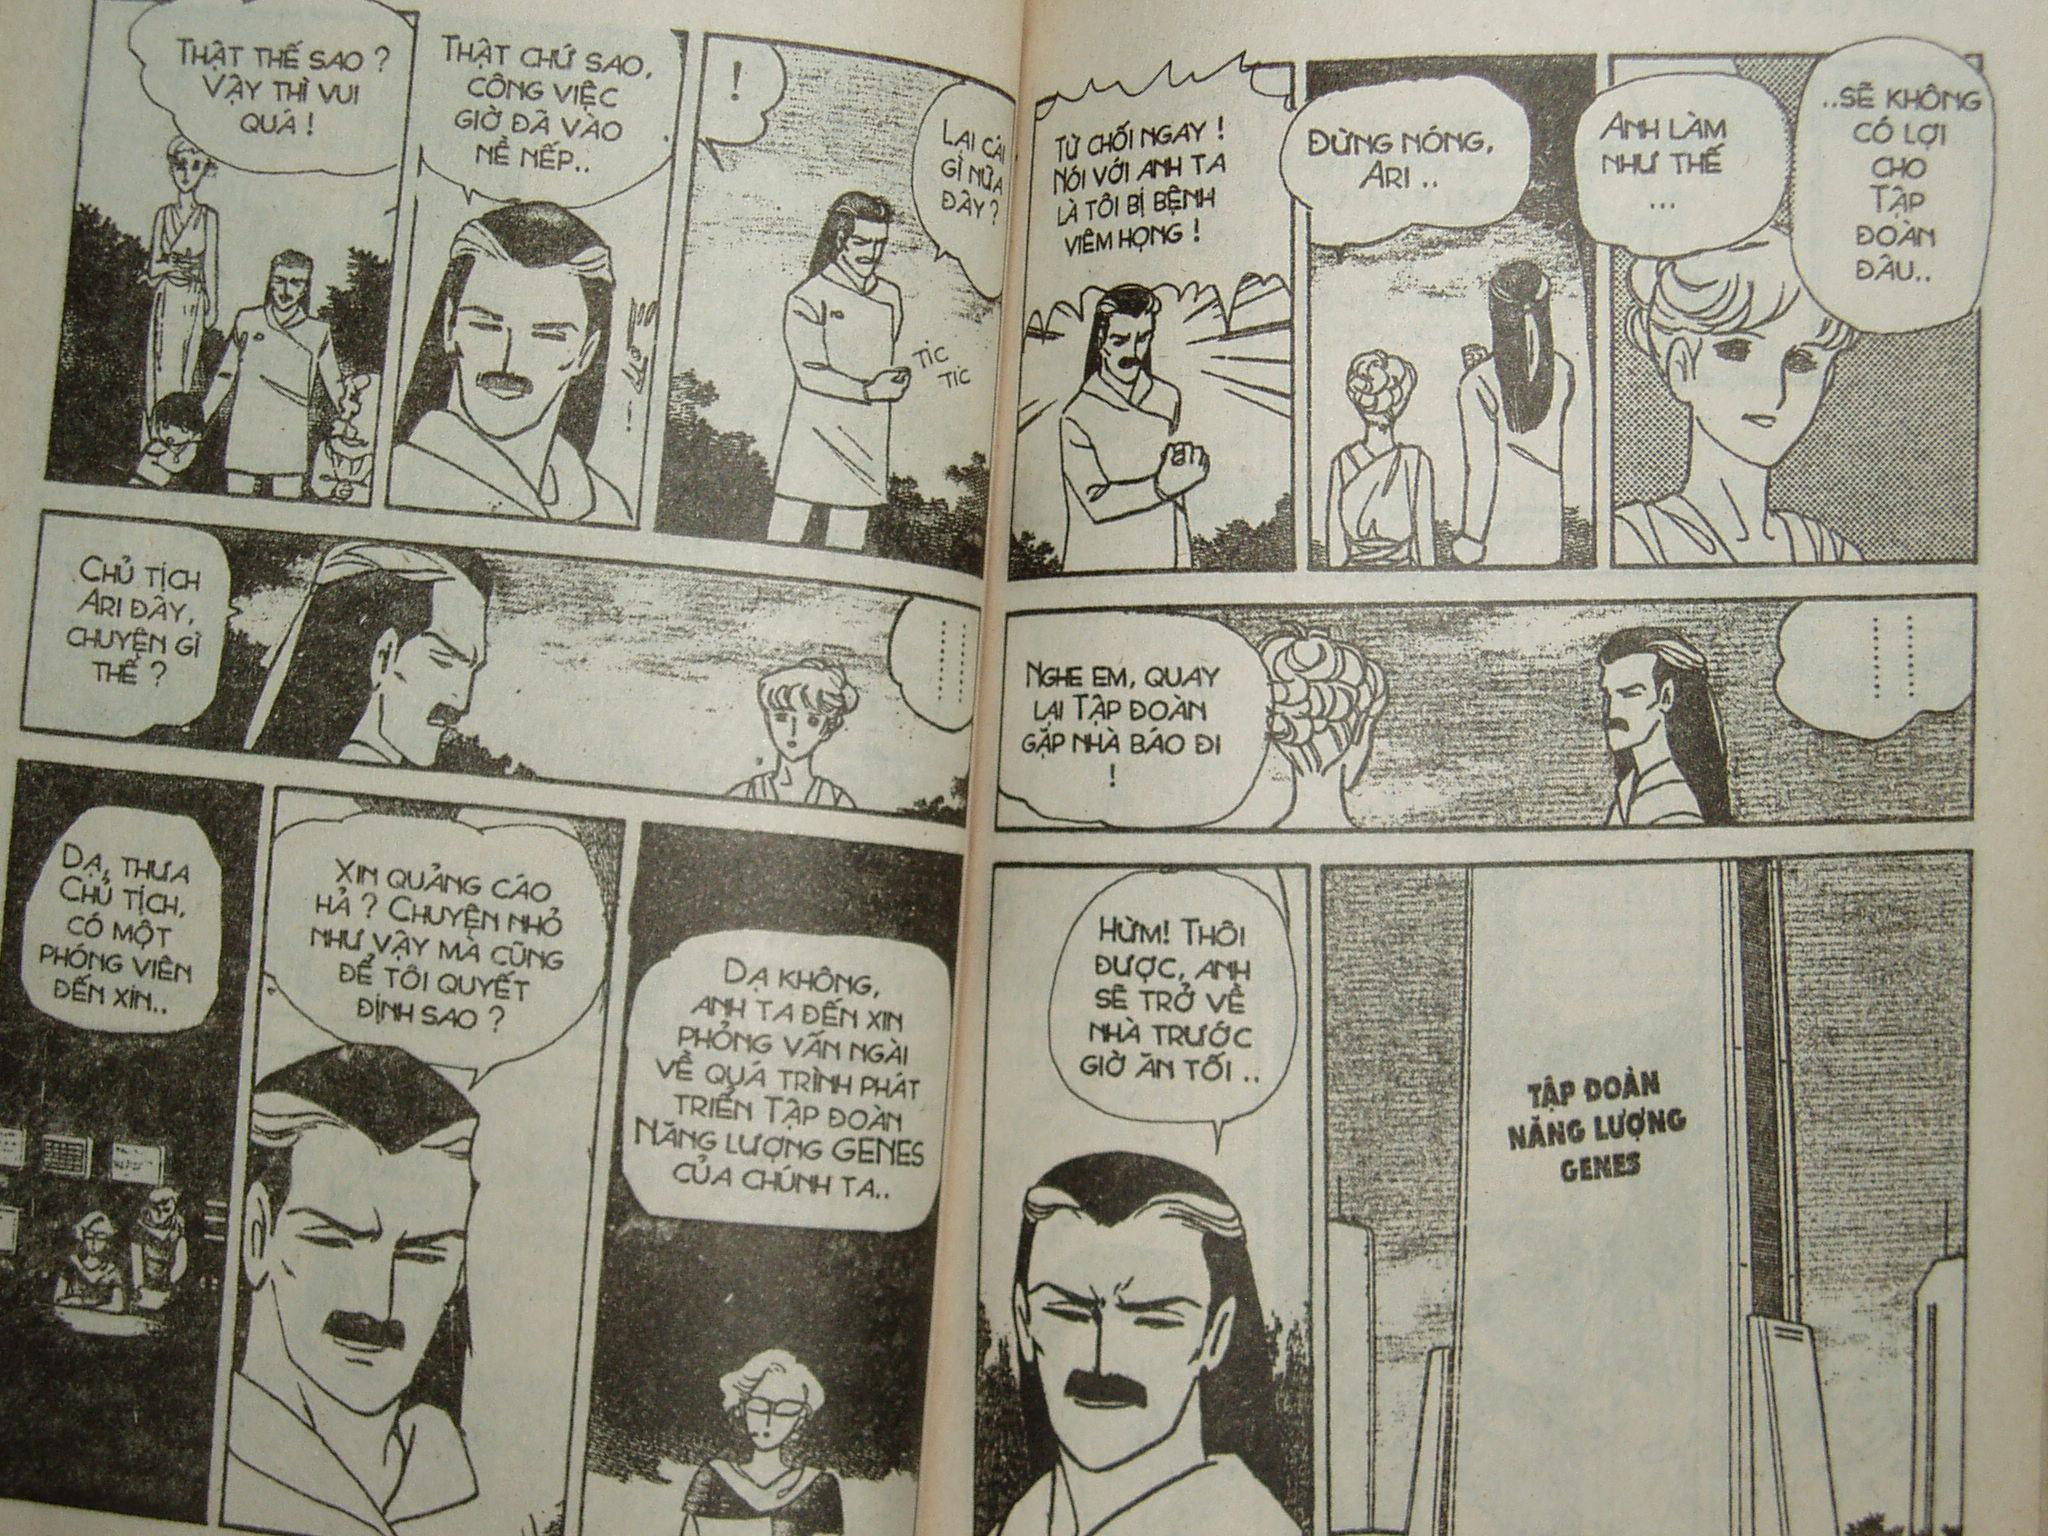 Siêu nhân Locke vol 14 trang 47